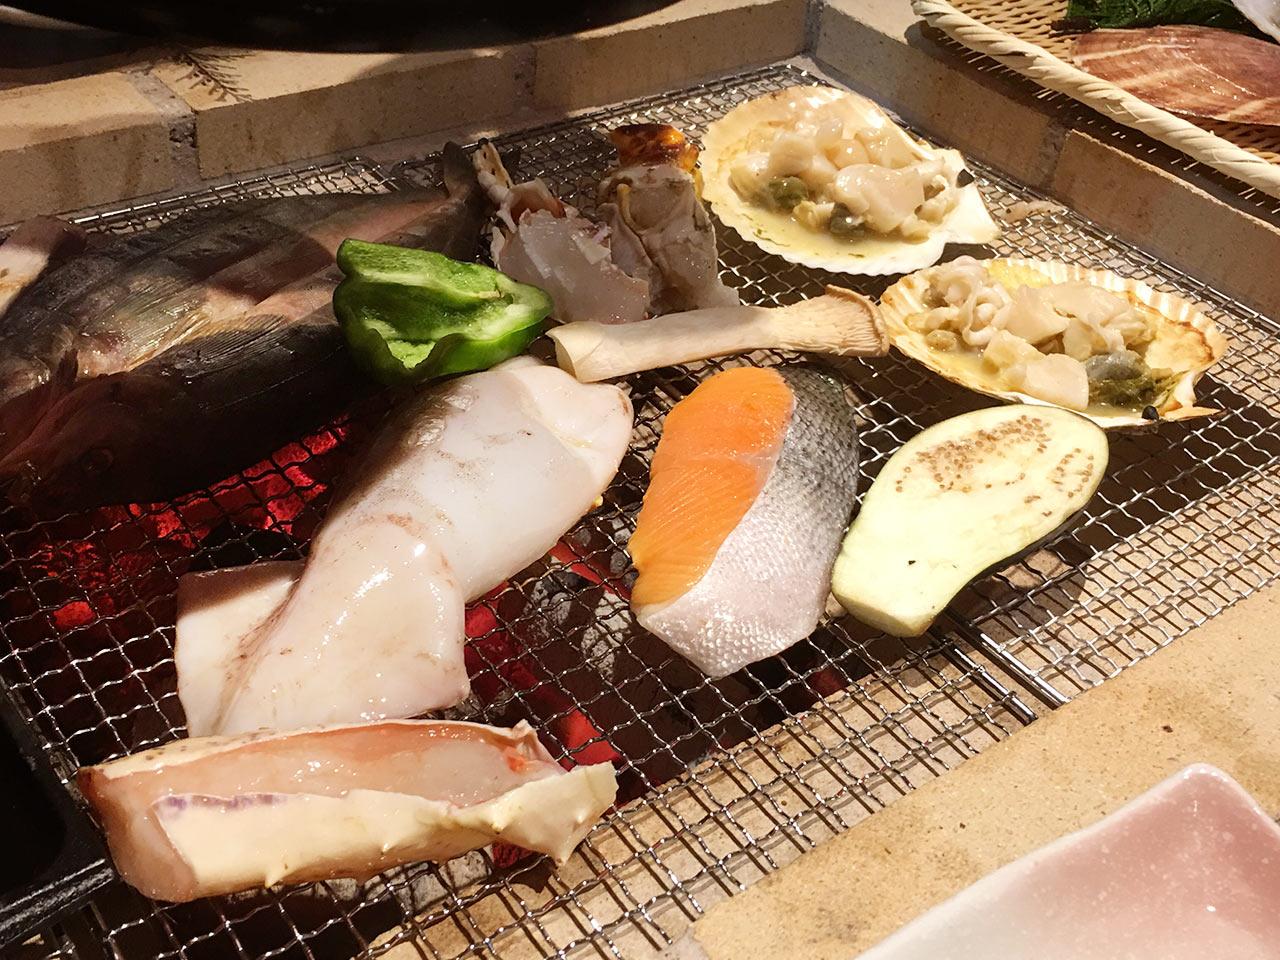 shinbashi-zenibako-bbq-set02